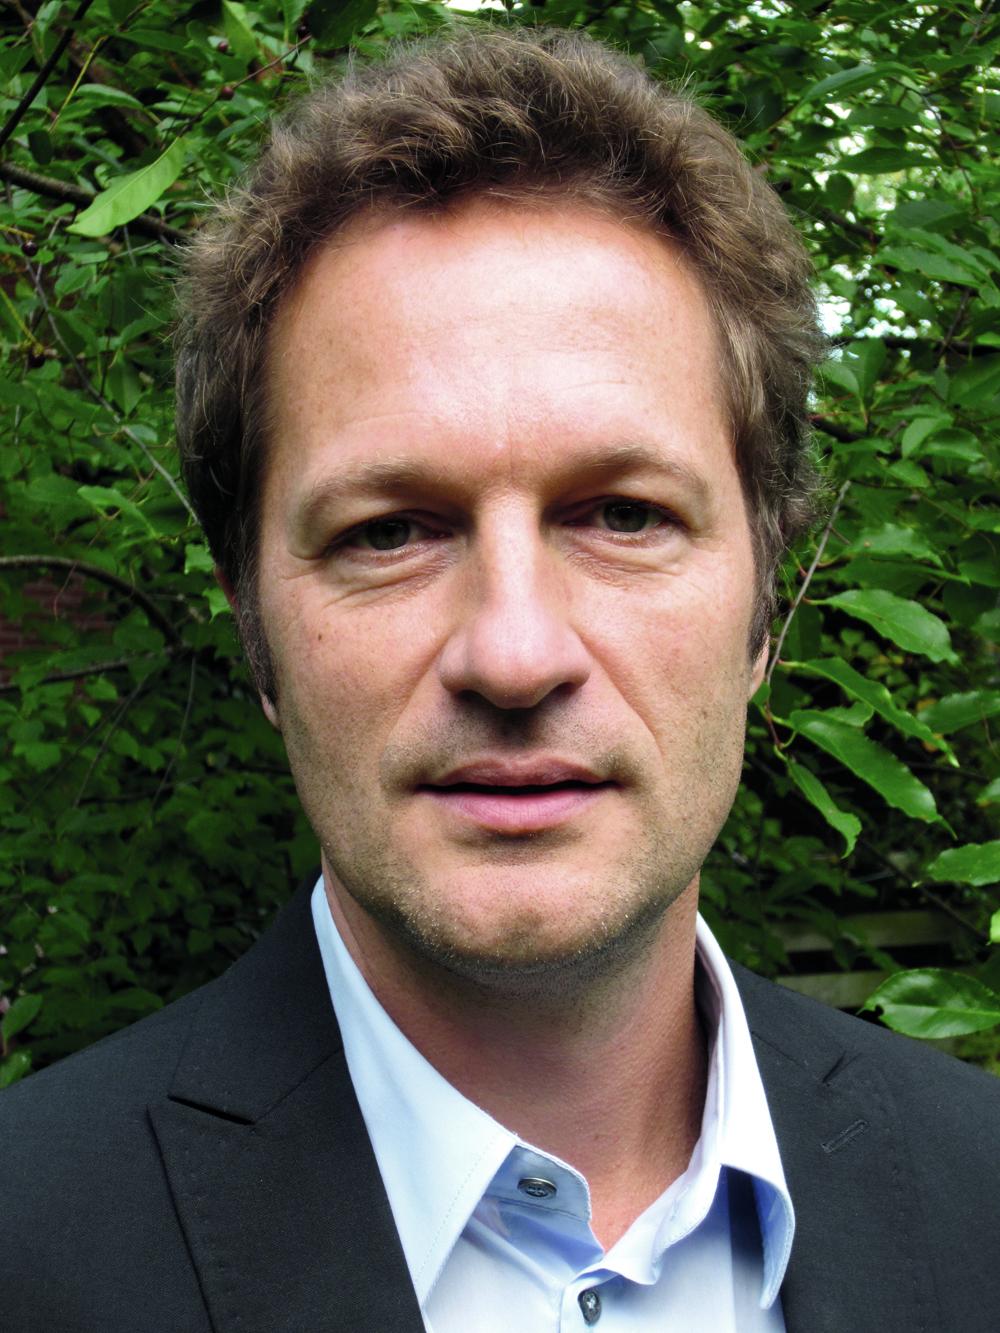 Rogier Hoenders    Psychiater, senior-onderzoeker, oprichter en manager behandelzaken Centrum Integrale Psychiatrie (CIP), deelopleider volwassenenpsychiatrie en docent psychotherapie.